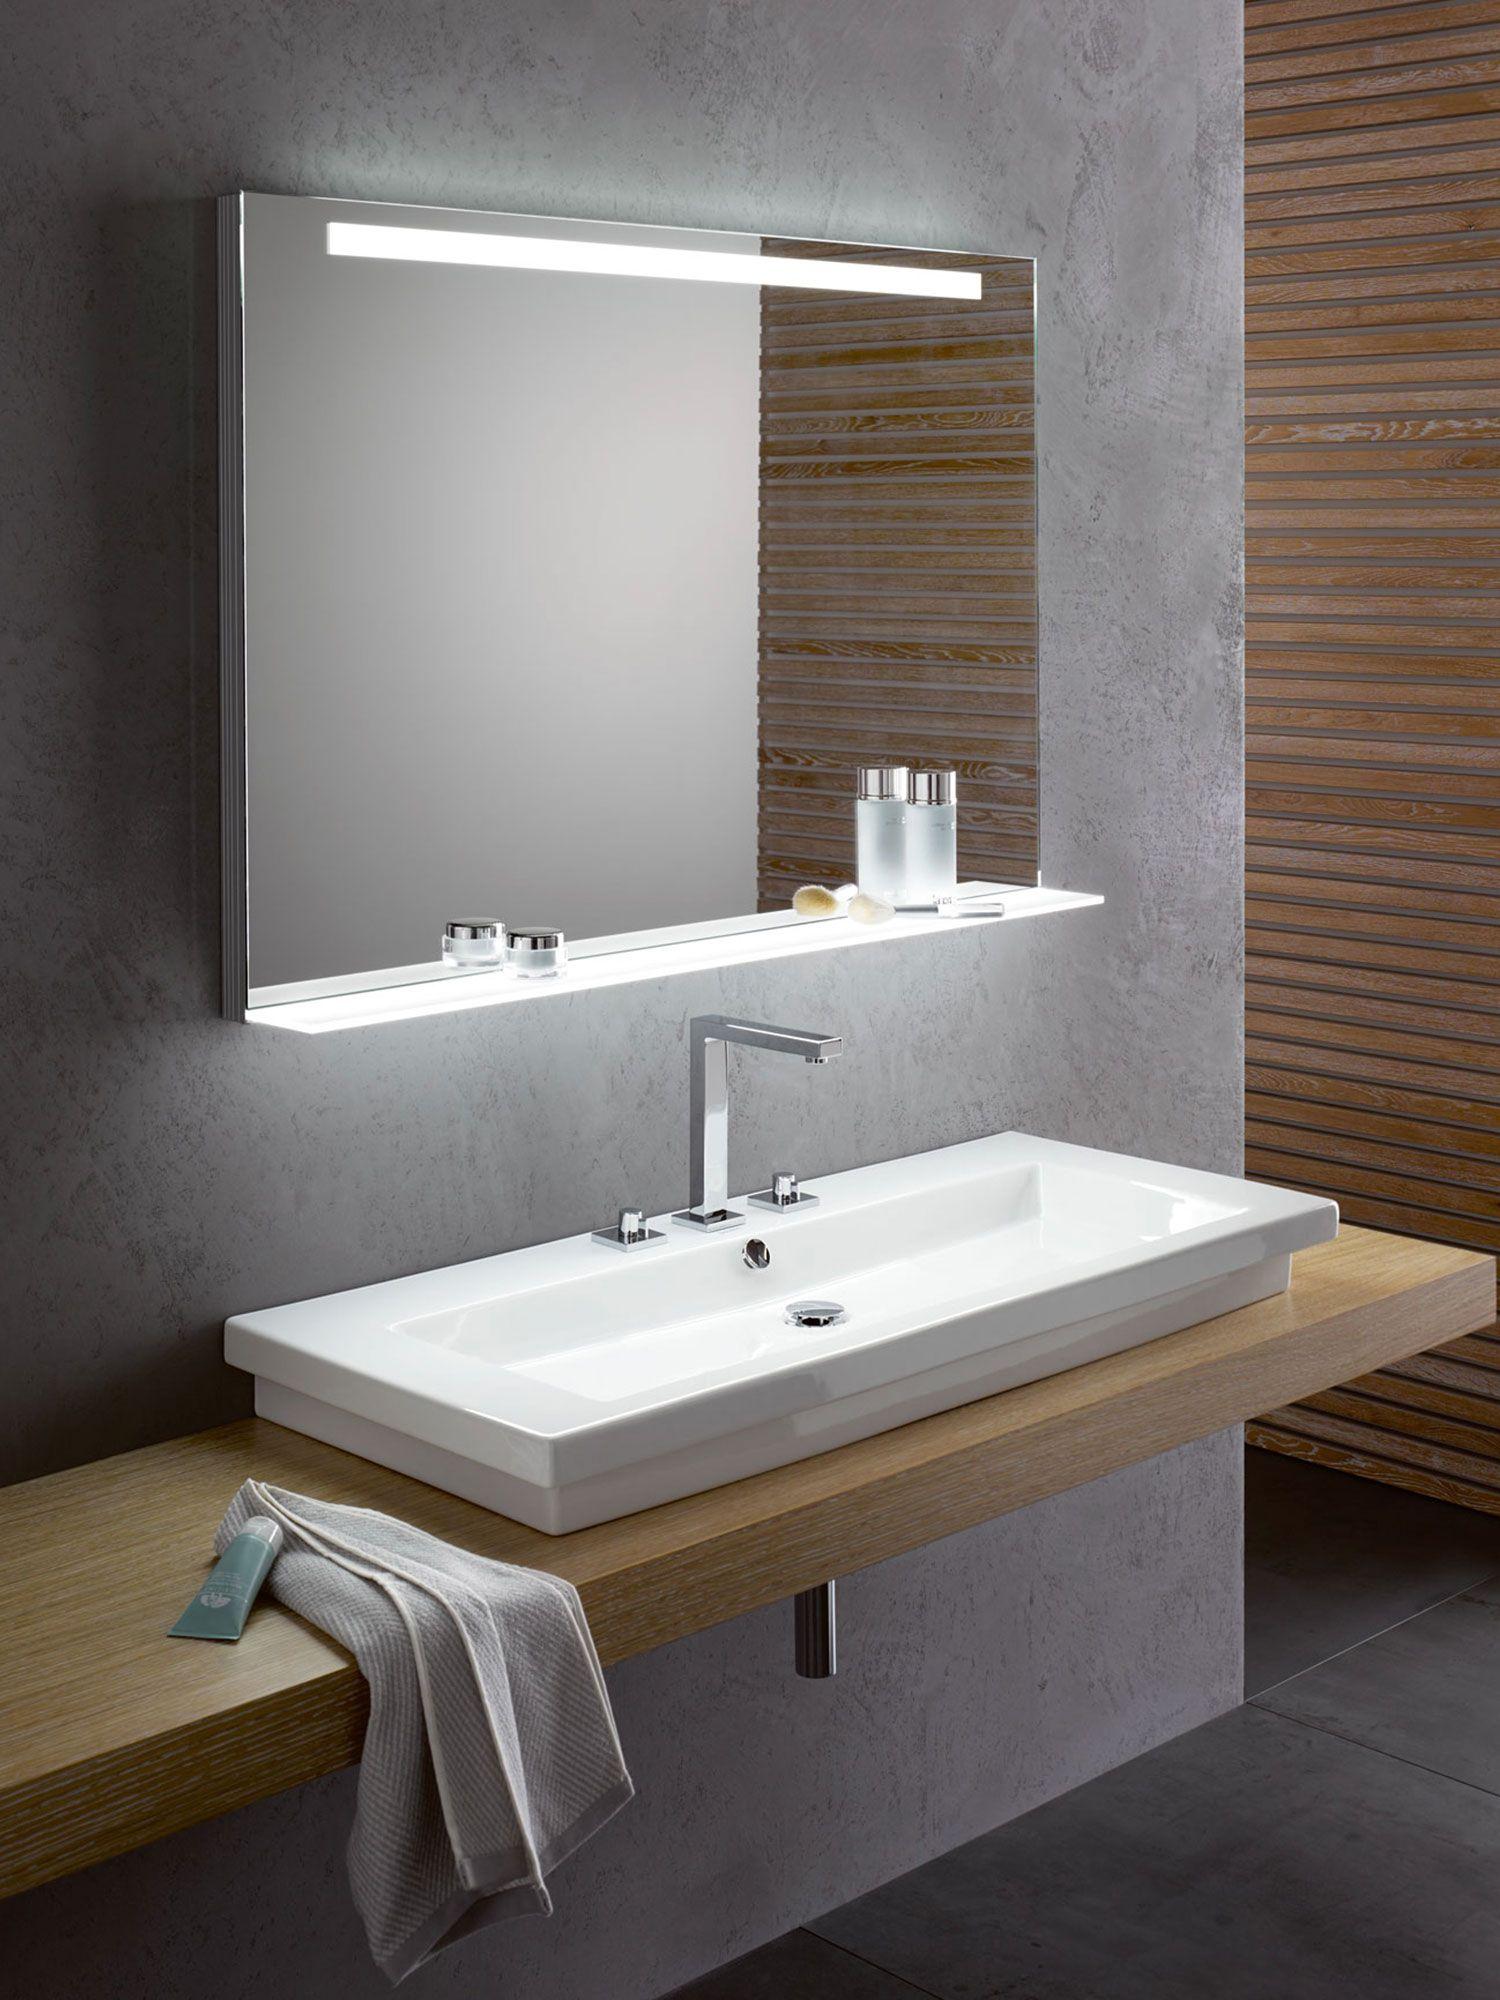 Zu vielen Designer-Waschtischen ist unser VEGAS die ideale Ergänzung. Vor allem, wenn der Waschtisch keine Ablagemöglichkeit für Kosmetika, Zahnputzbecher und Rasierutensilien bietet. Wenn es also darum geht, dass eine Ablage nicht nur funktional ist, sondern dabei auch noch faszinierend aussehen kann, geht der VEGAS im wahrsten Sinne des Wortes mit leuchtendem Beispiel voran. #vegas #lichtspiegel #mirror #designspiegel  #praktisch #interiorbathdesign #manufaktur #betonbathroom #zierath